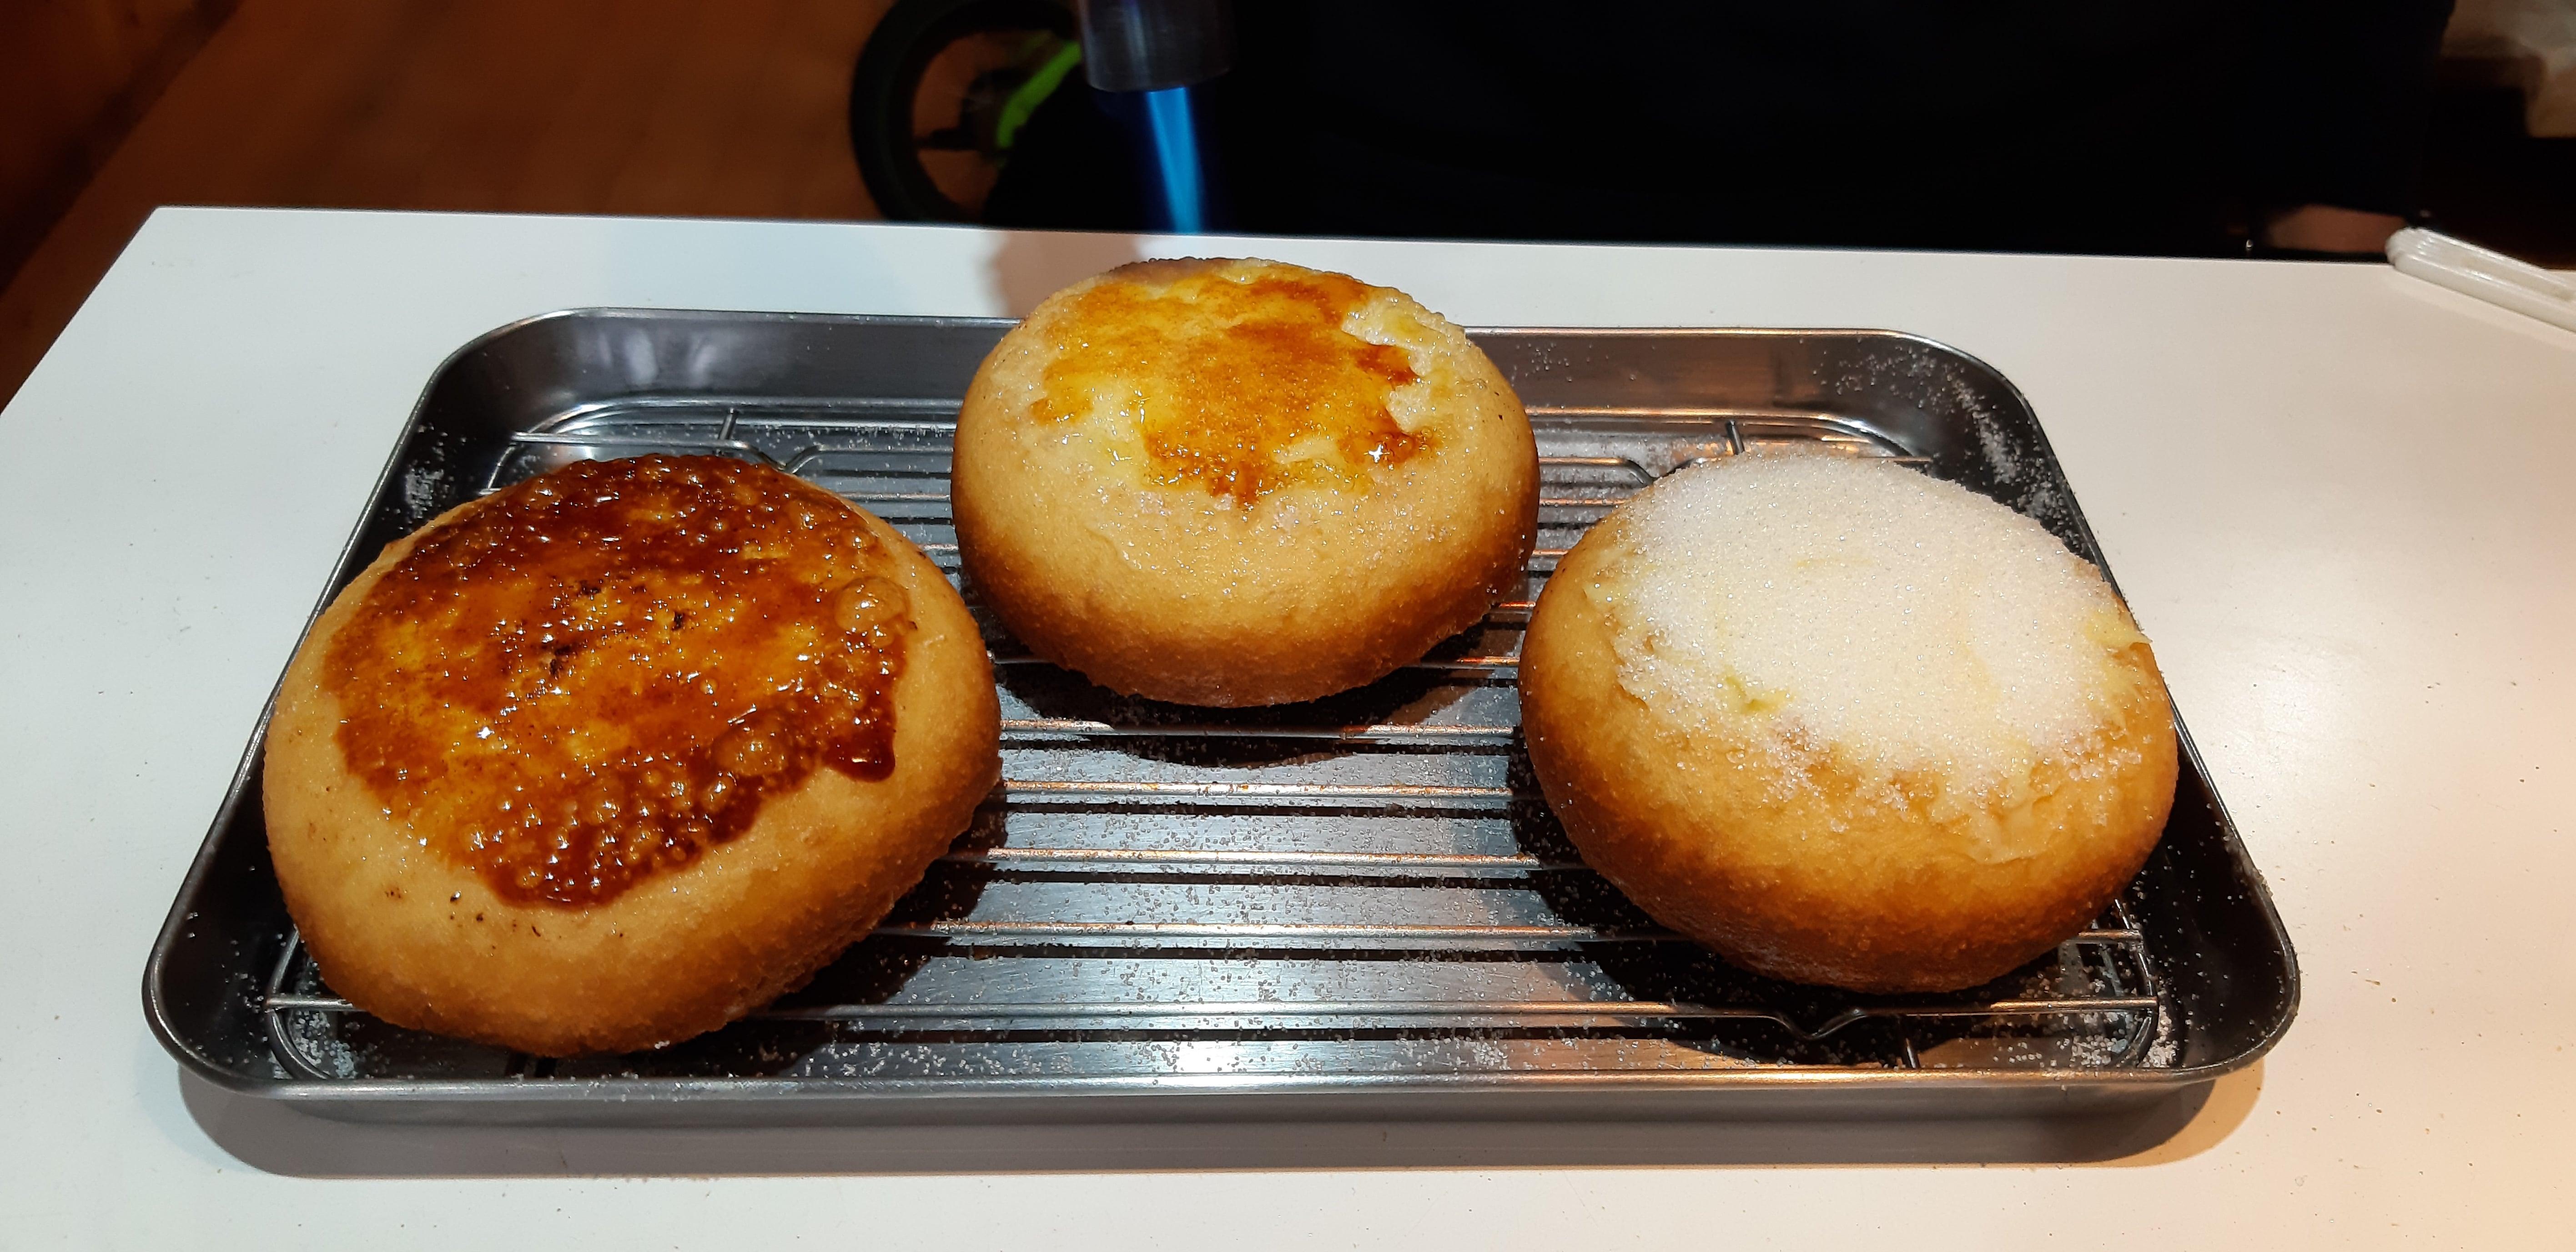 【kyoto donut】Fluffy! Crispy! Oozy! Crèm...